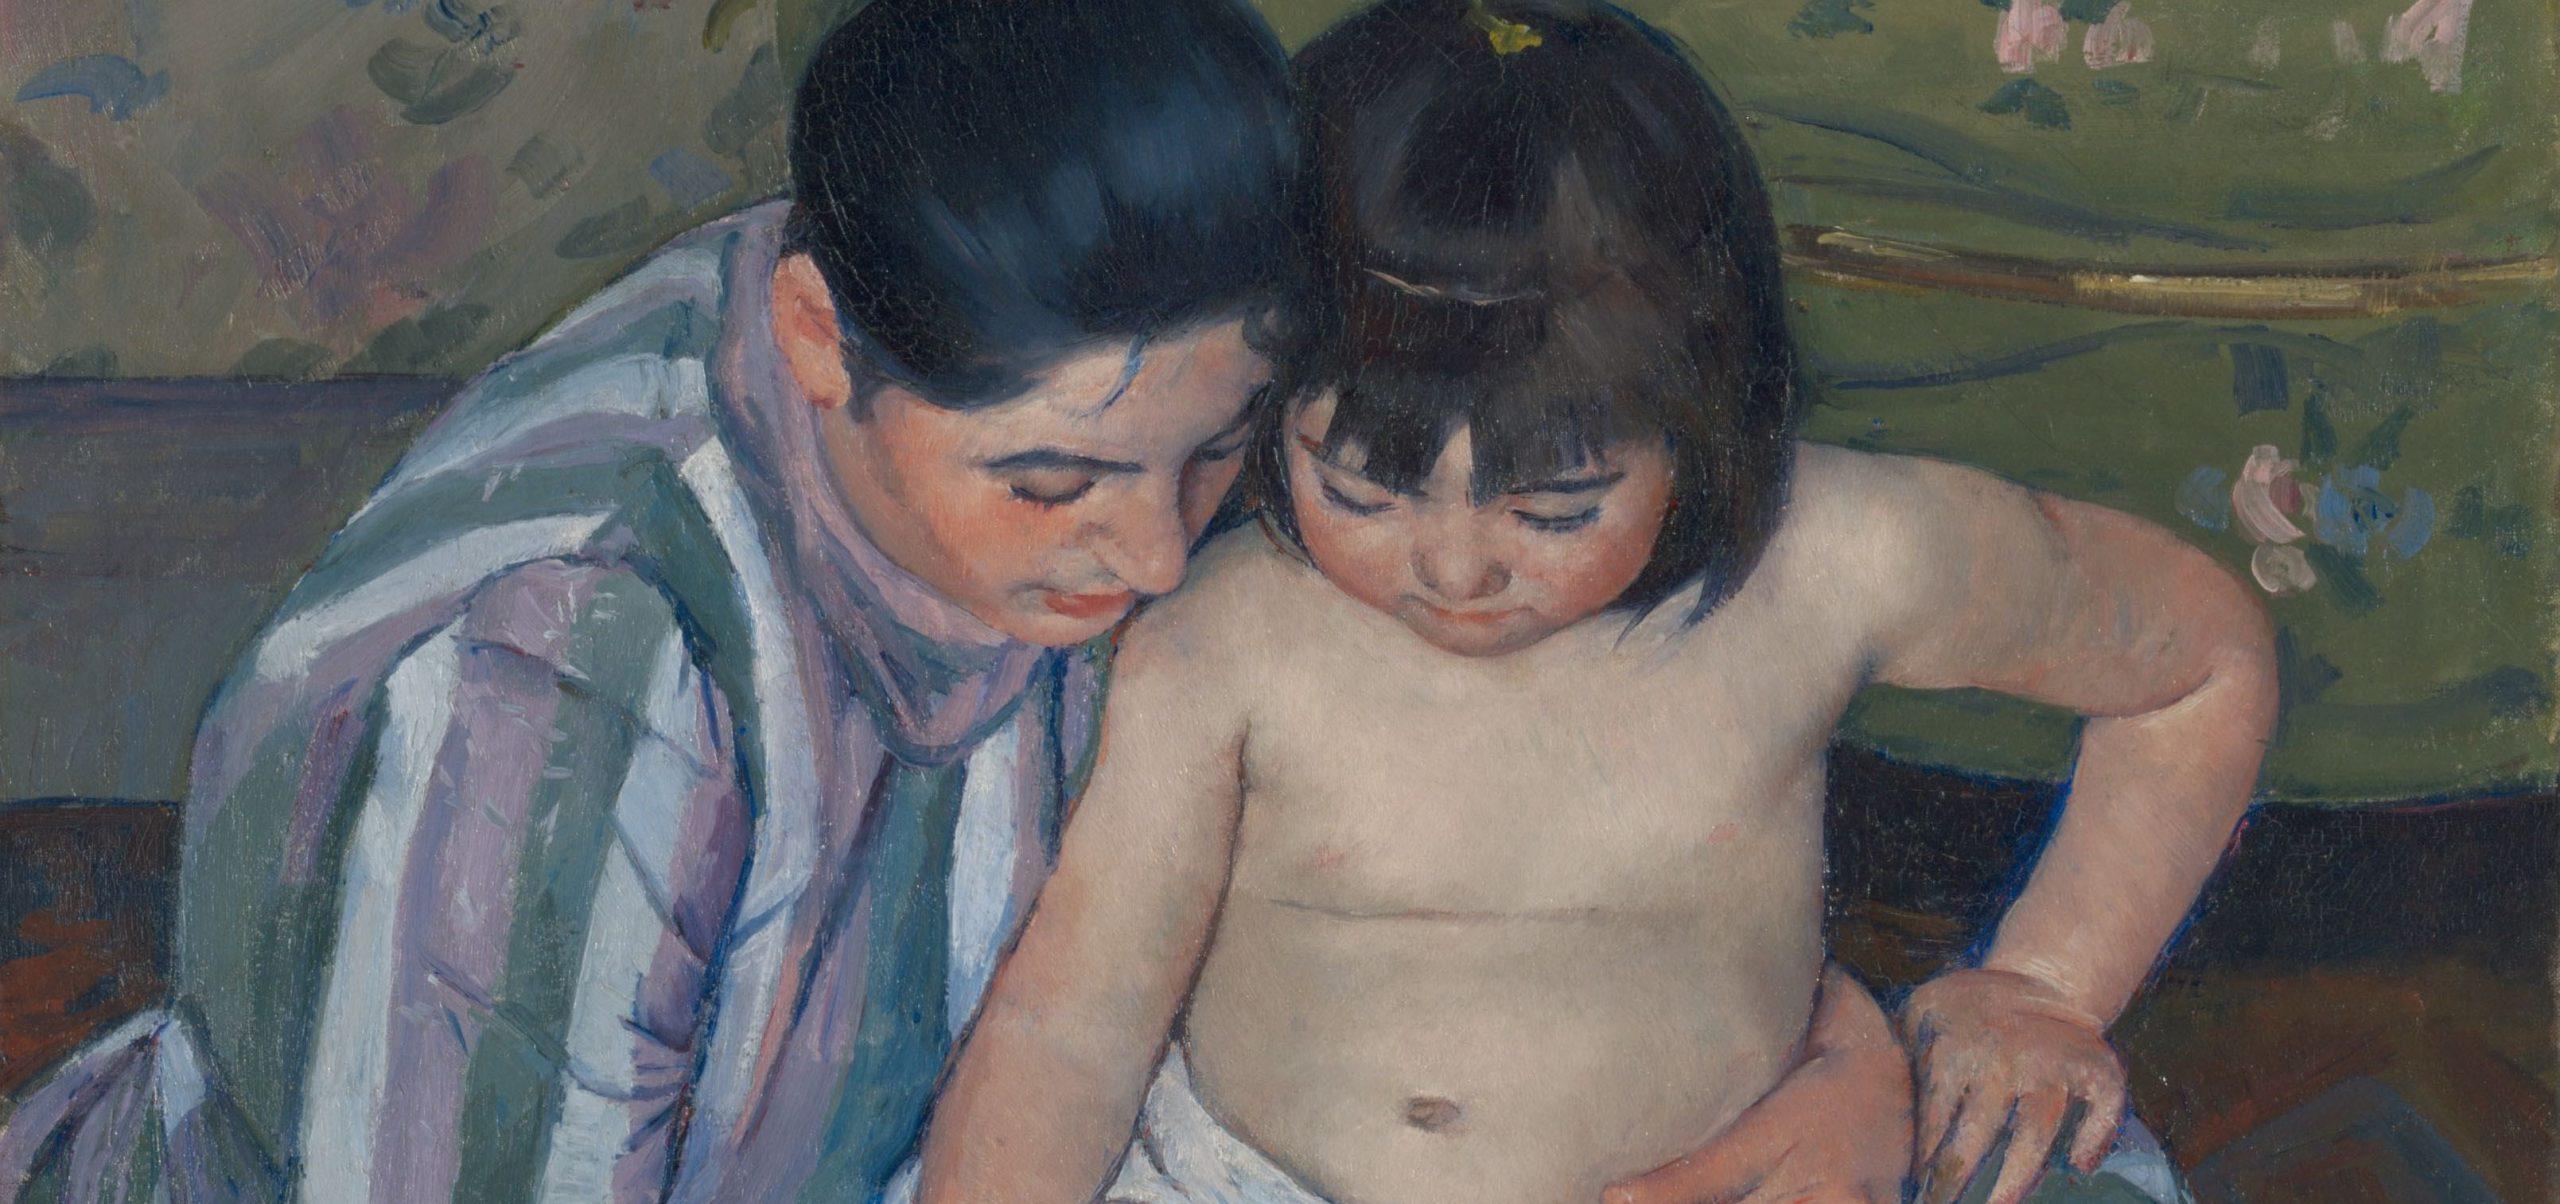 Em homenagem ao dia das mães, relembre a obra-prima de Mary Cassatt